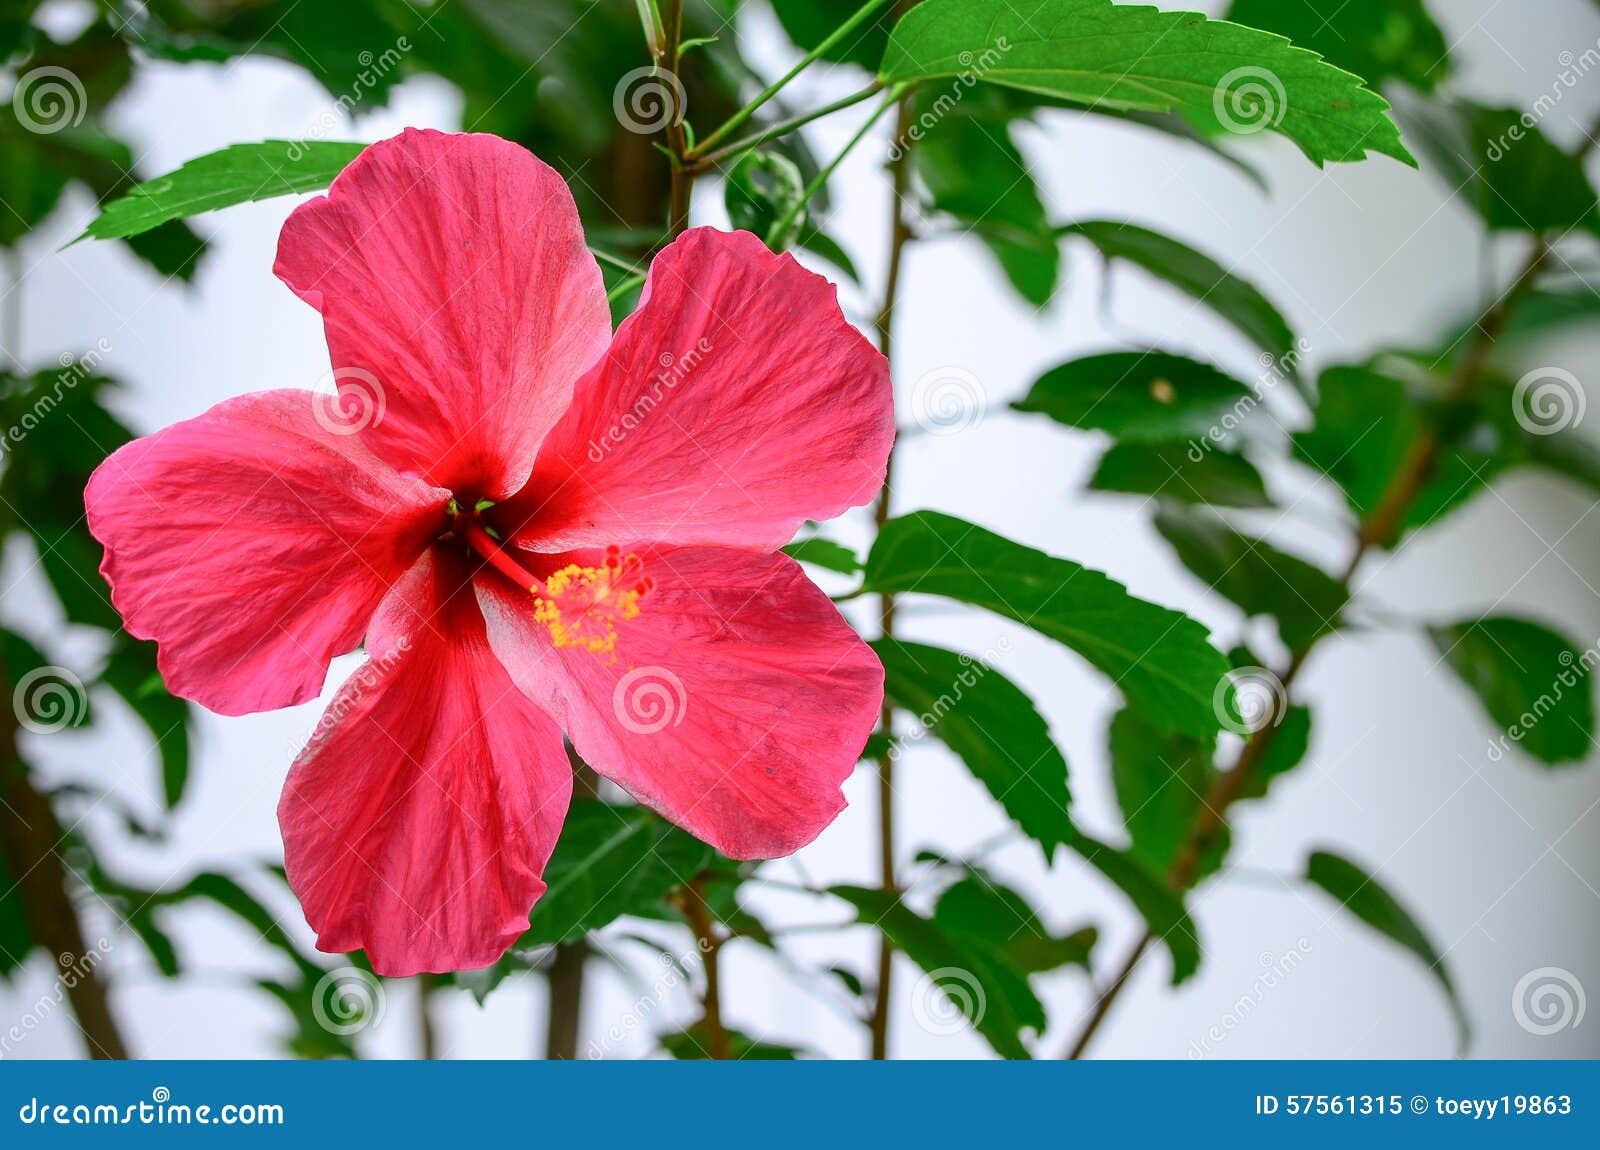 fleur hawaïenne de ketmie photo stock - image: 57561315